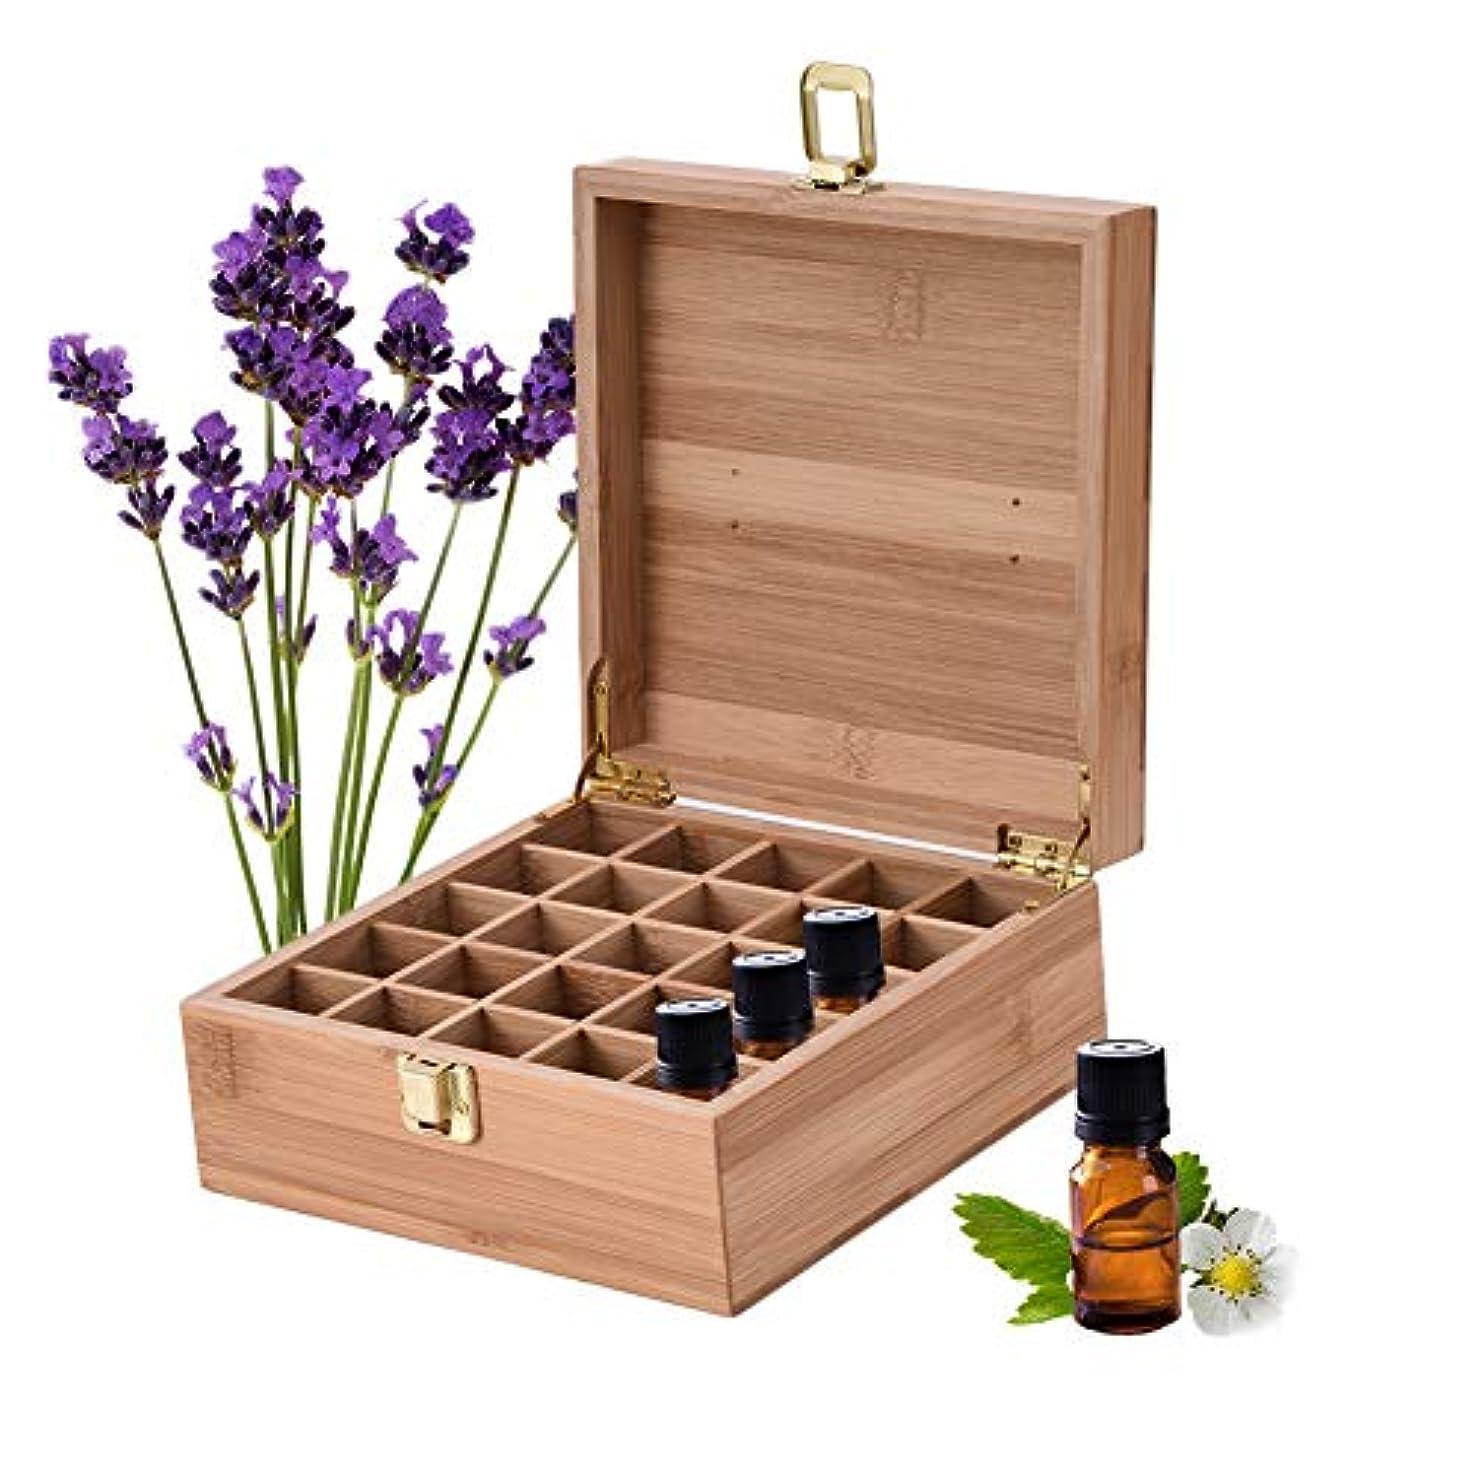 成分種をまくずるいエッセンシャルオイル収納ボックス 25本用 竹製エッセンシャルオイルボックス メイクポーチ 精油収納ケース 携帯用 自然ウッド精油収納ボックス 香水収納ケース